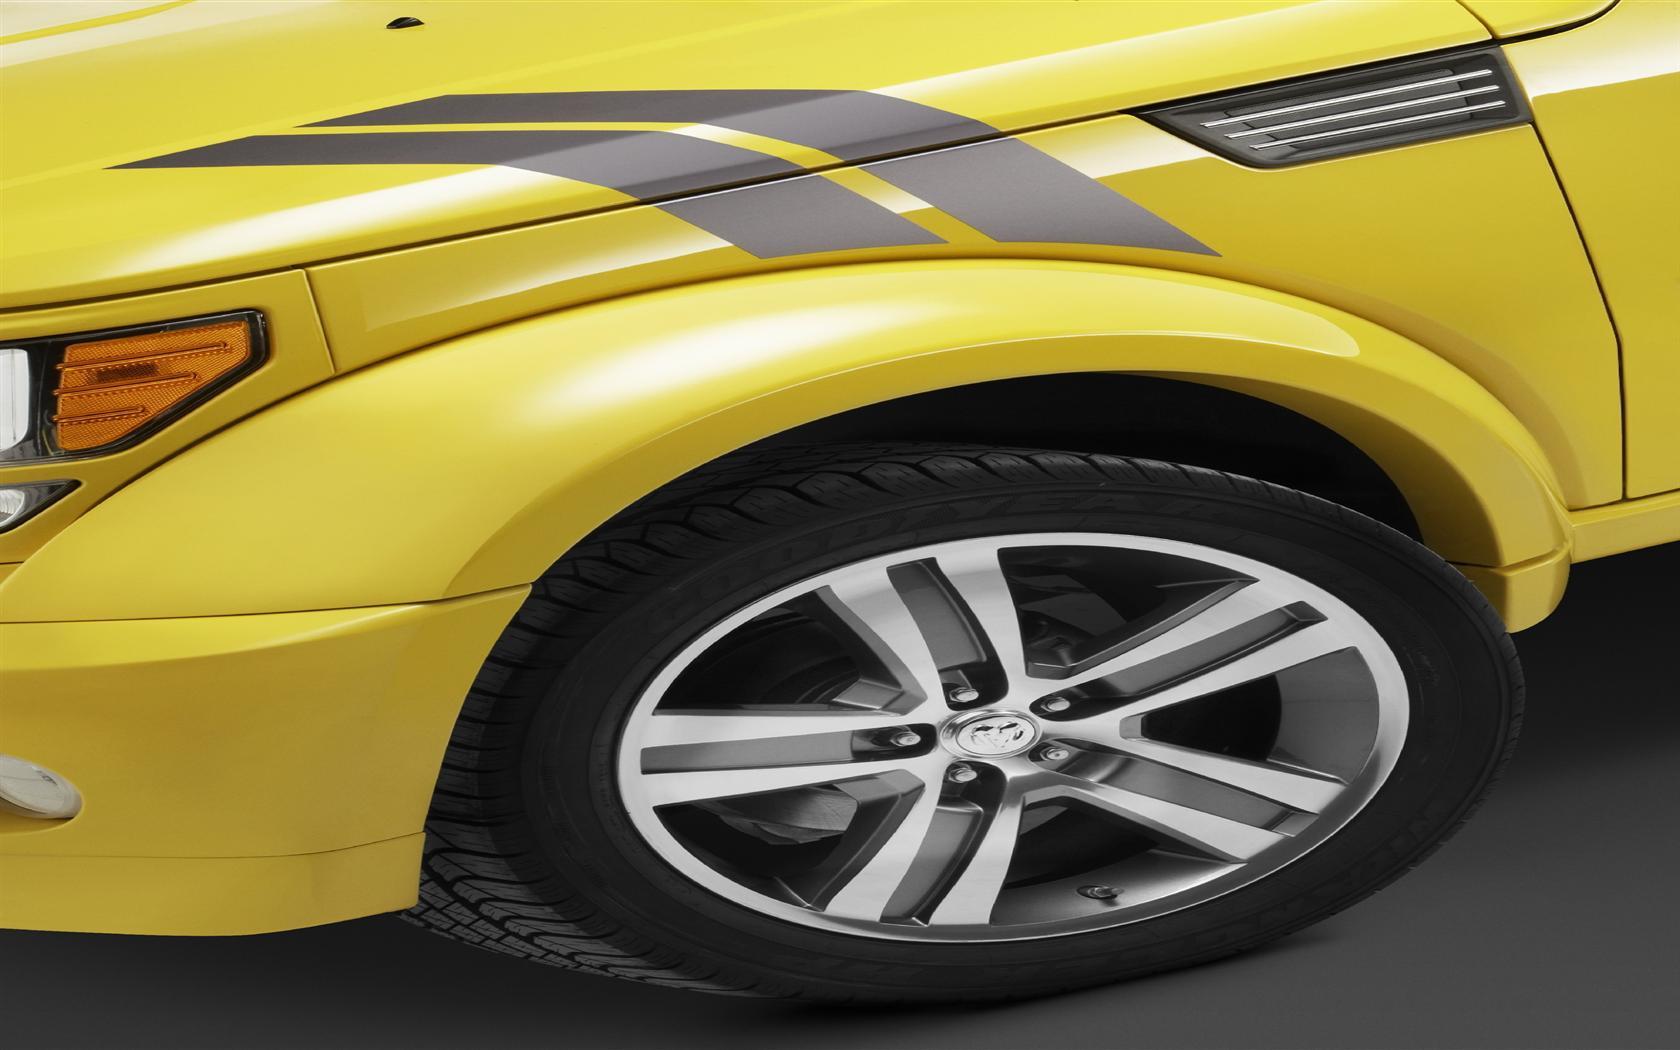 2011 Dodge Nitro Image